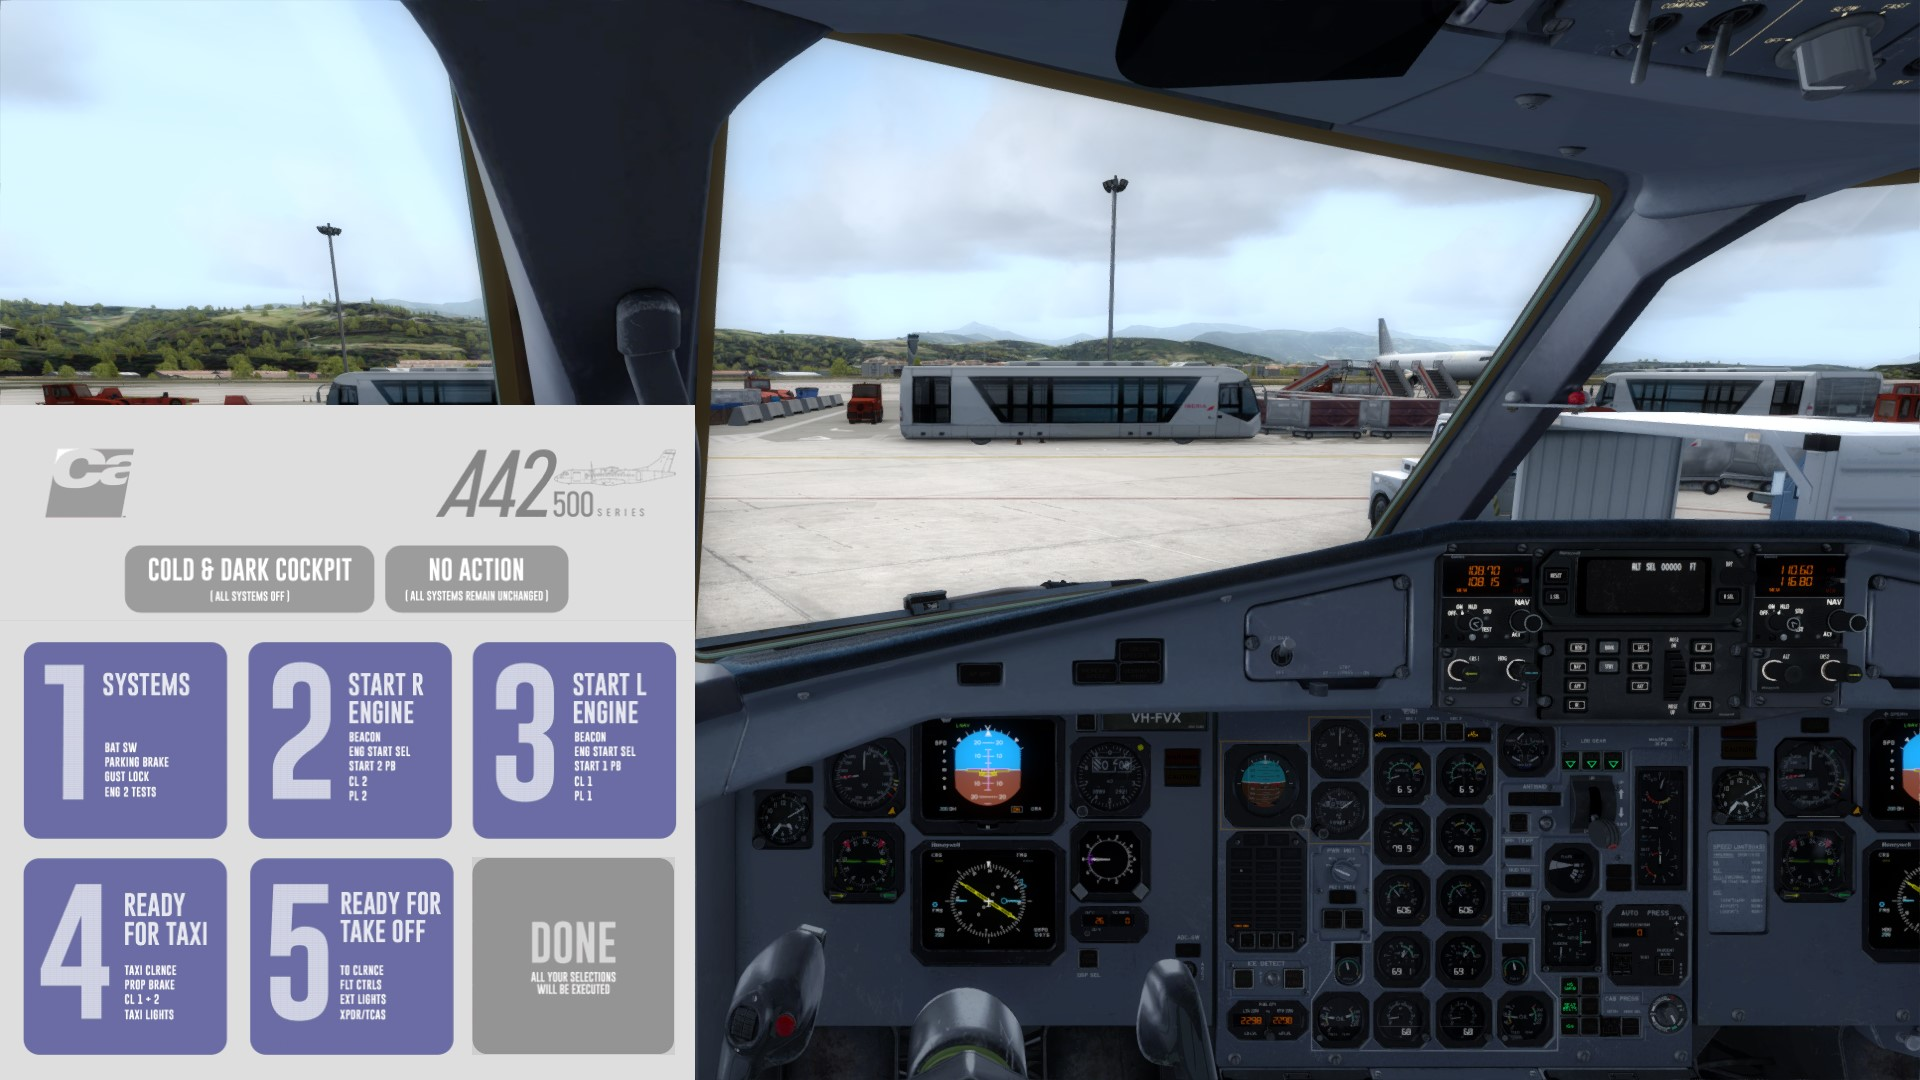 ATR 42-500 von Carenado für FSX/P3D erschienen - Flugzeuge - VFR